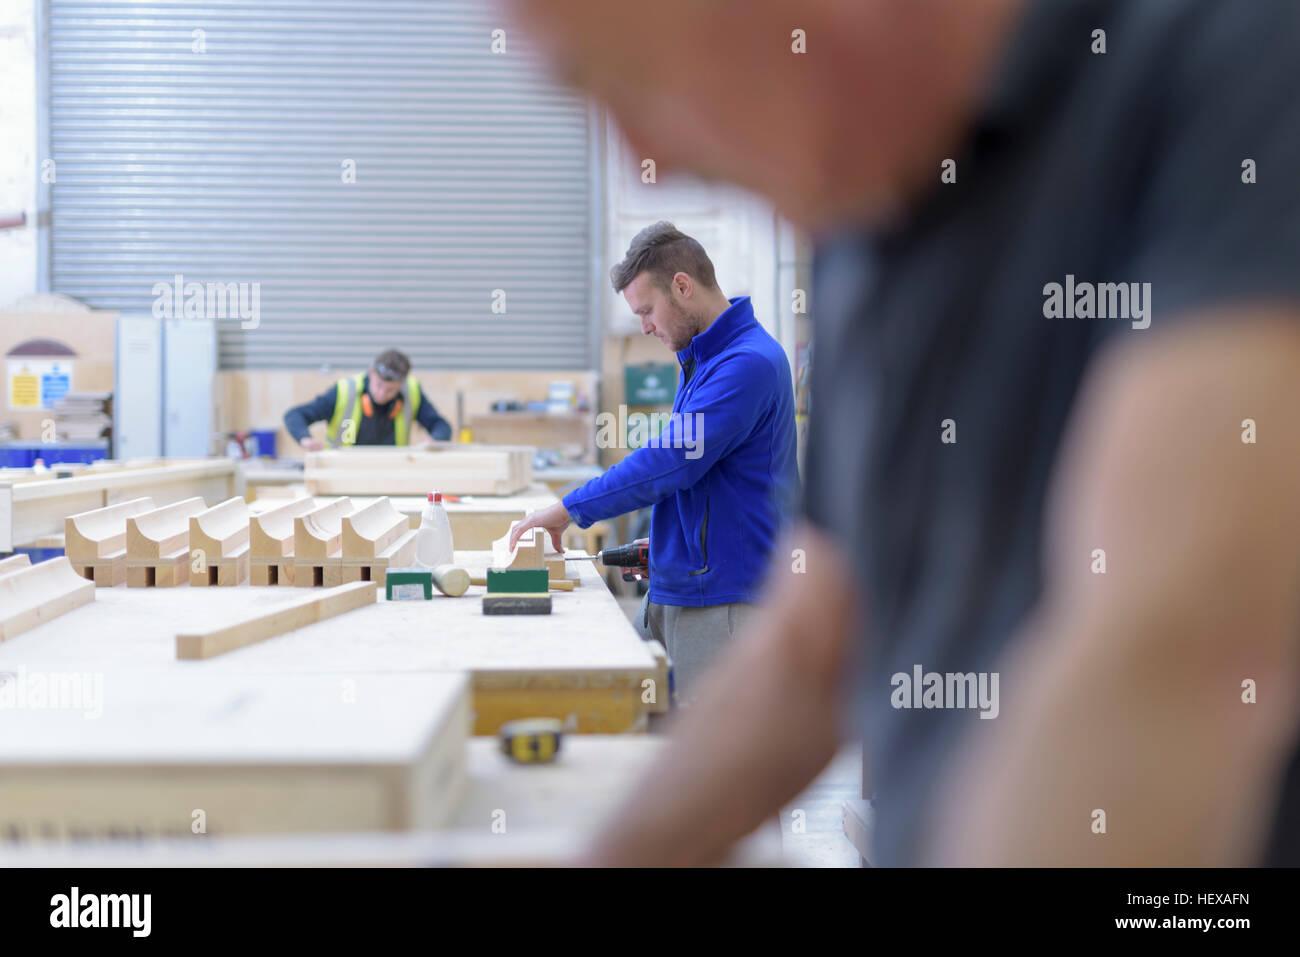 Macchine per la lavorazione del legno in architettura fabbrica di pietra Immagini Stock